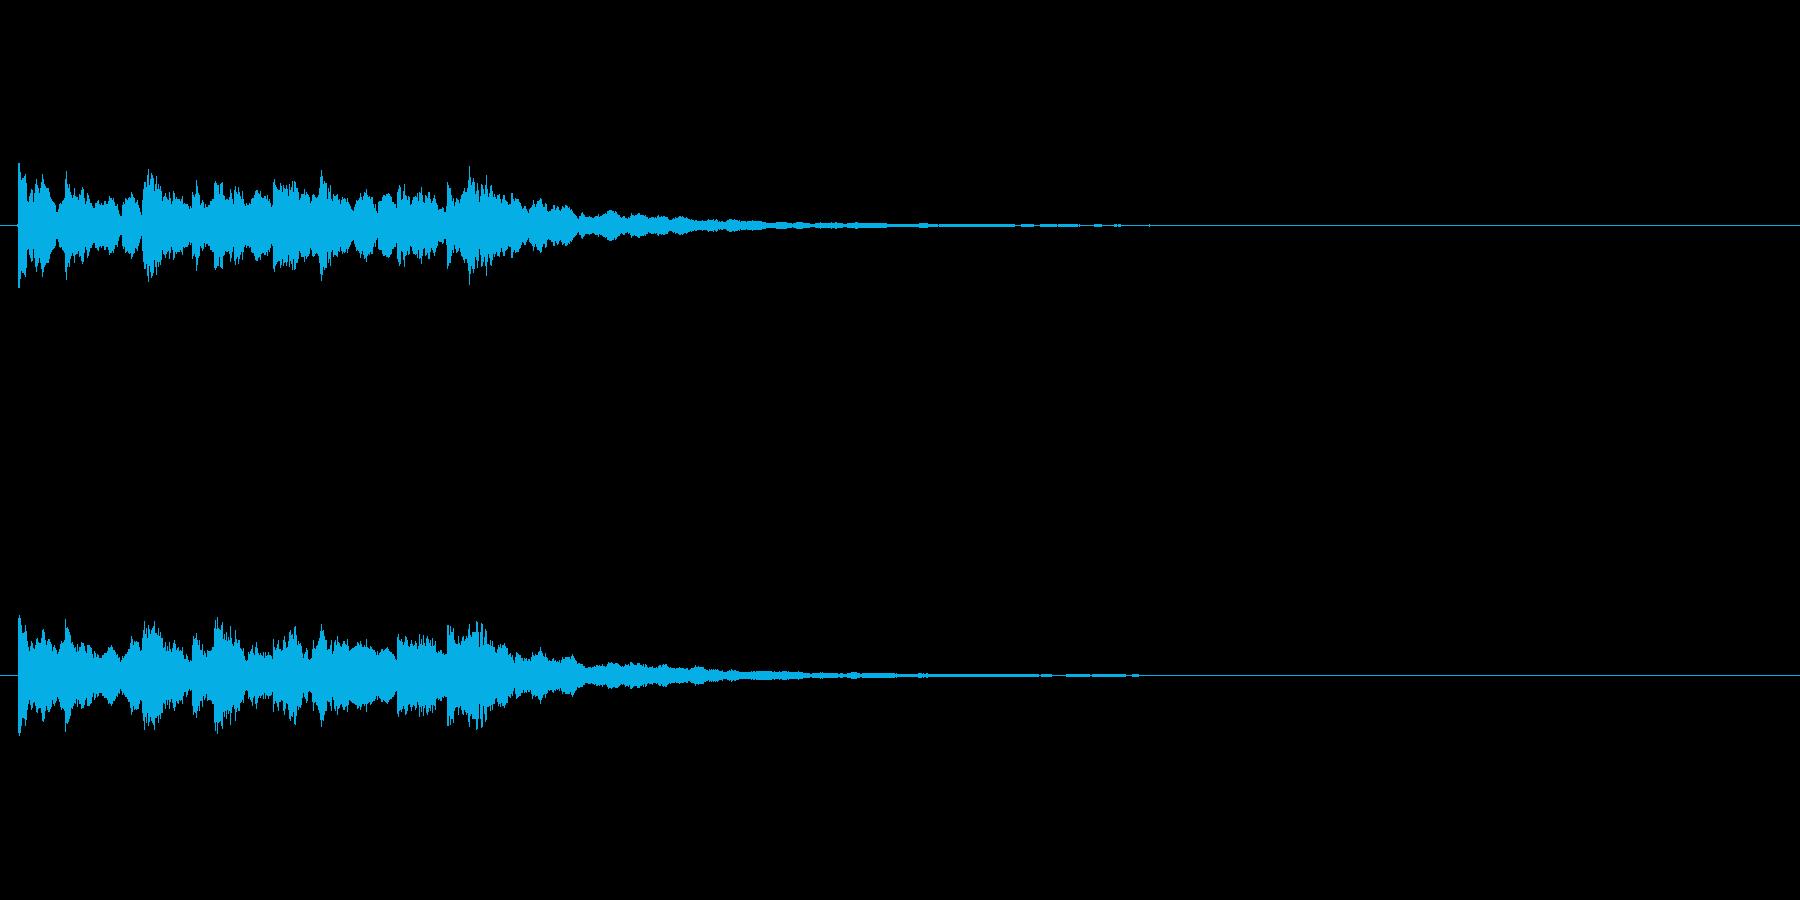 ピンポンピンポンピンポン綺麗なベル正解音の再生済みの波形